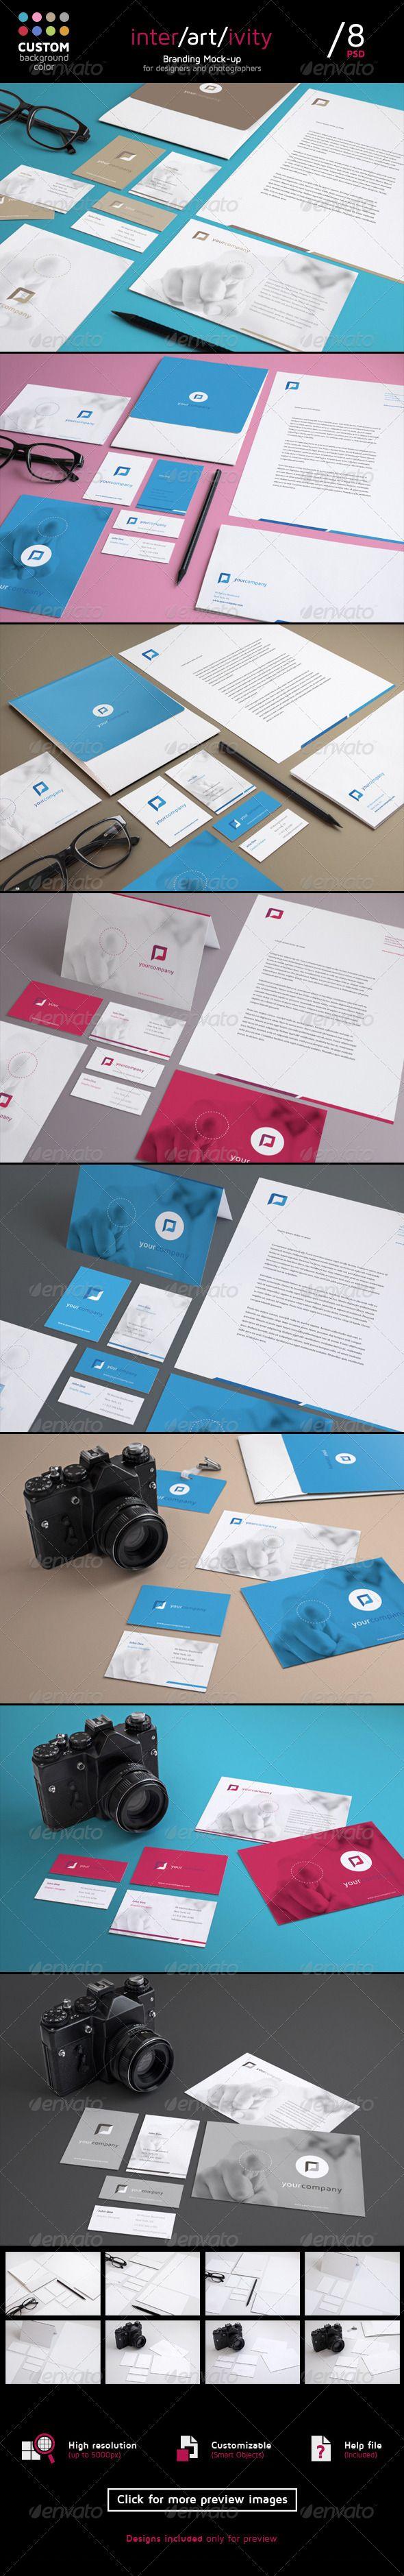 Stationery Mock Up Set SetBackground ColourPhoto